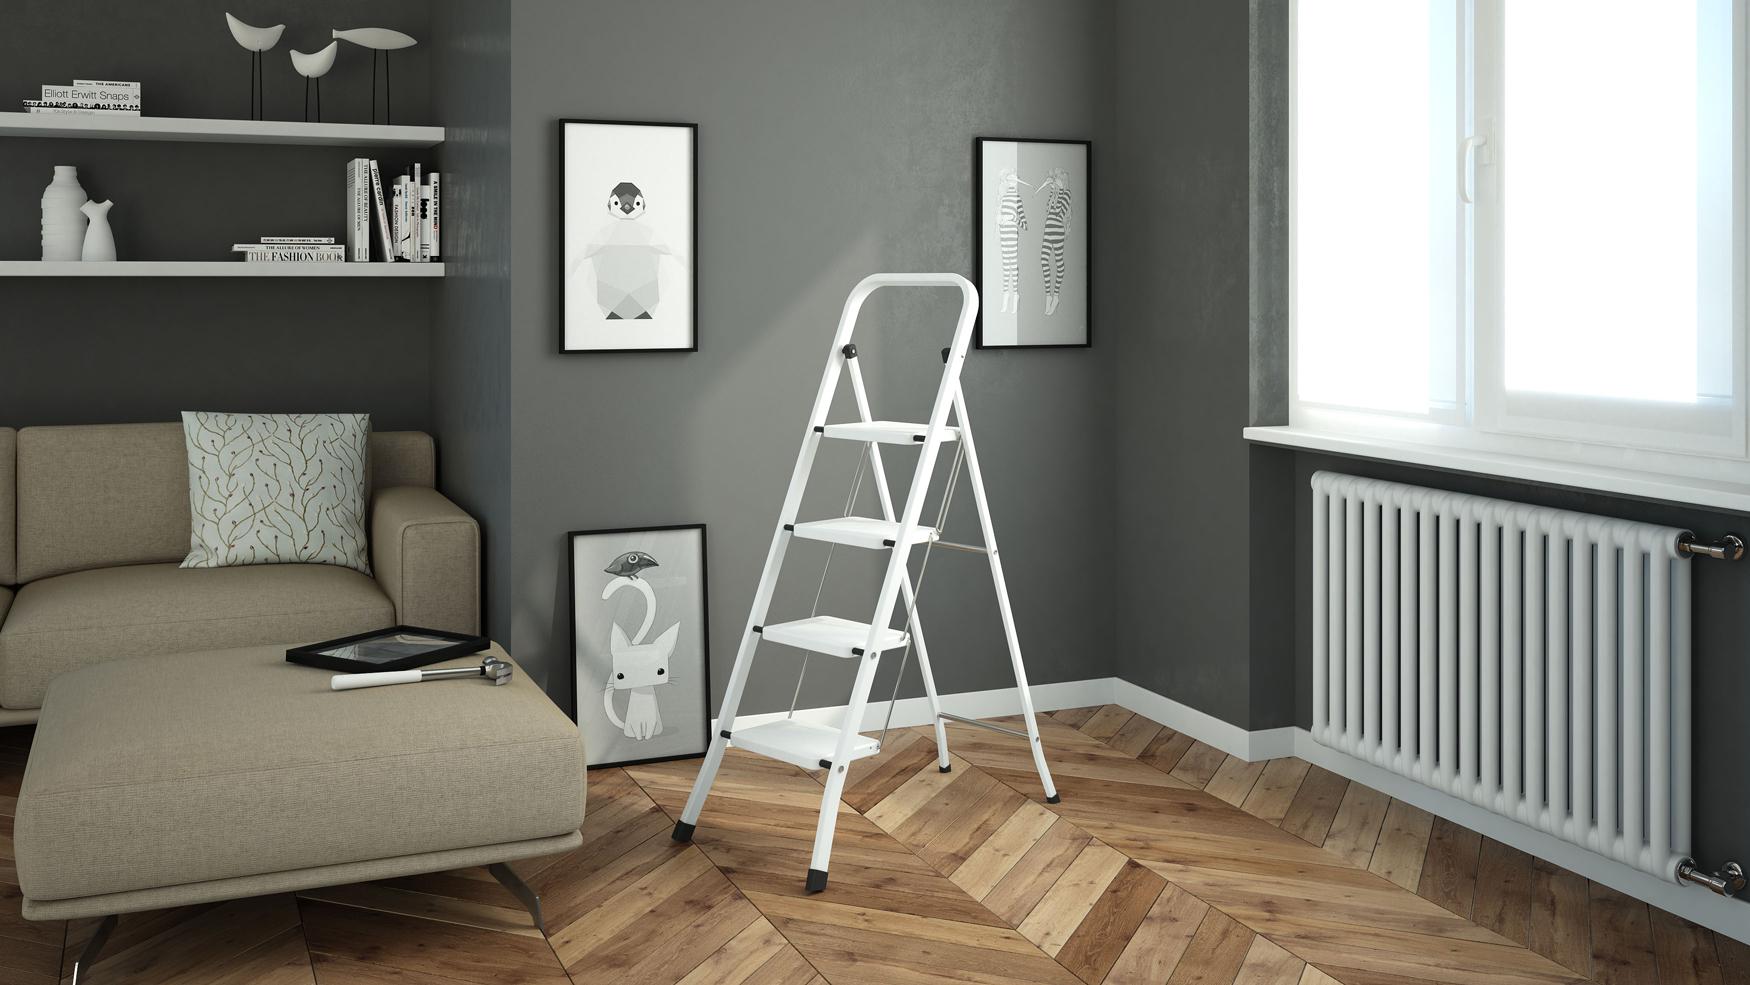 Стремянки с широкими ступенями для дома как выбрать алюминиевую стальную и деревянную модели с резиновыми ступеньками Особенности бытовых стремянок-лестниц для квартиры